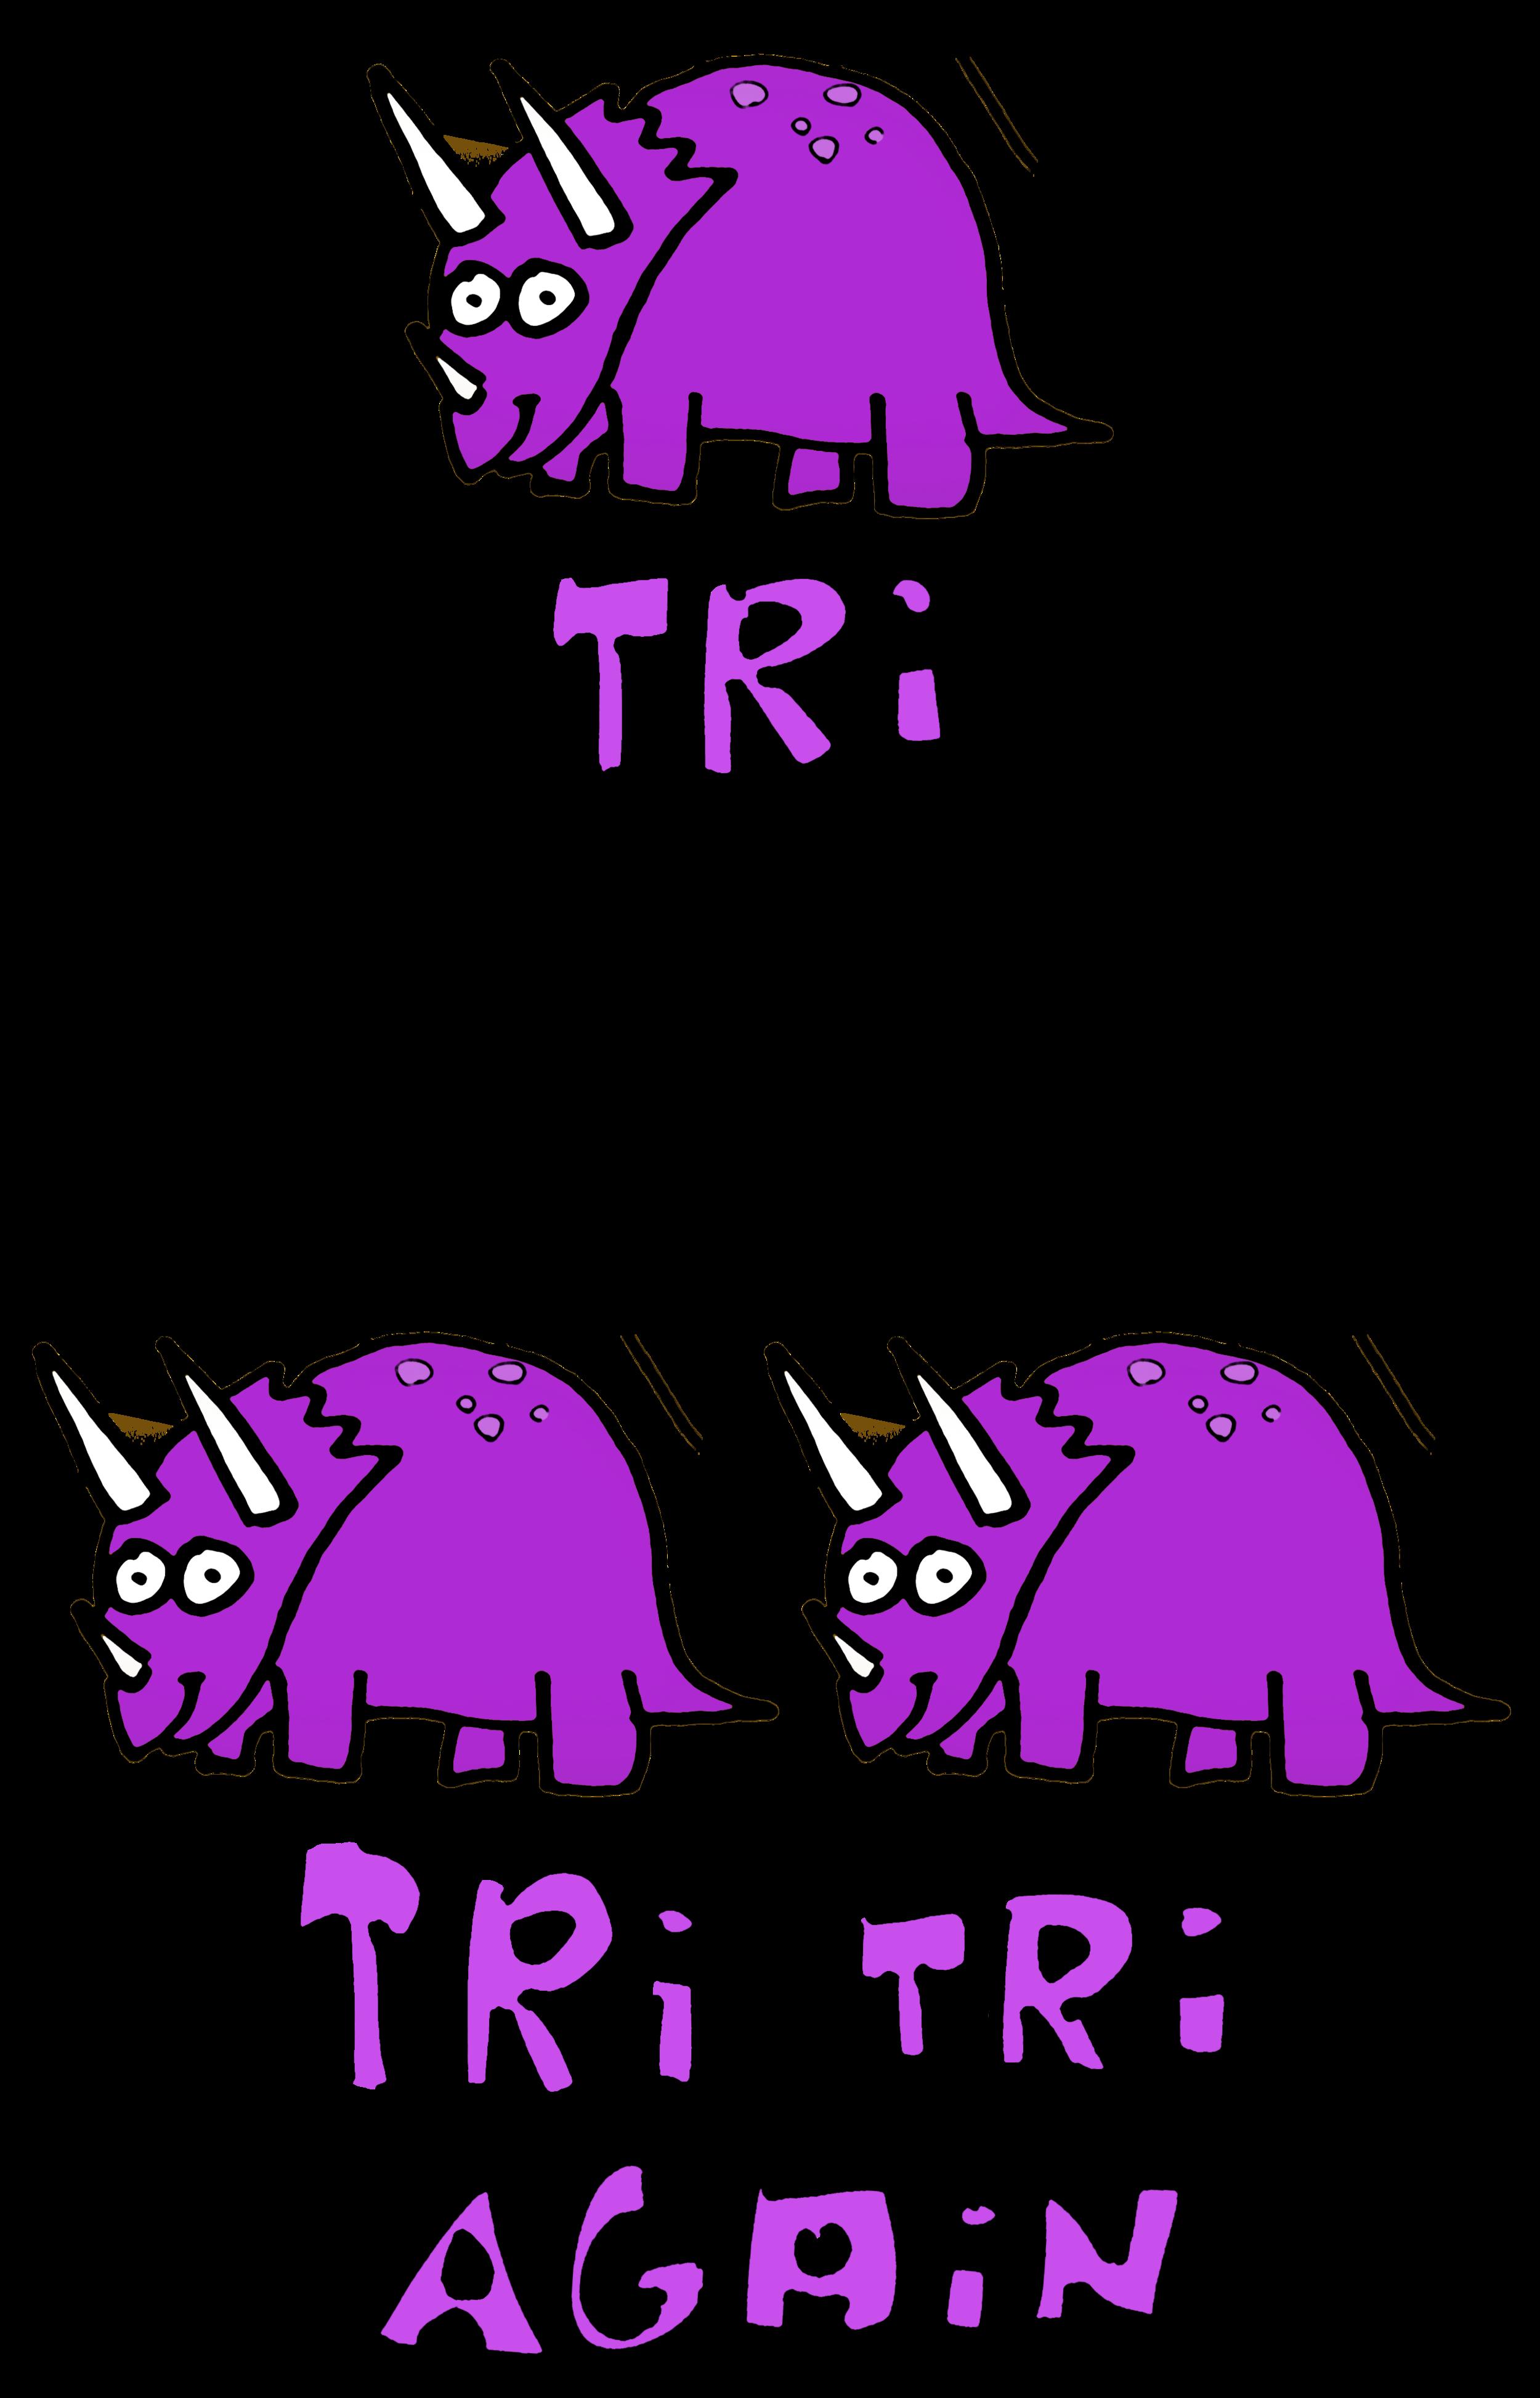 tri(ceratops), tri(ceratops) again